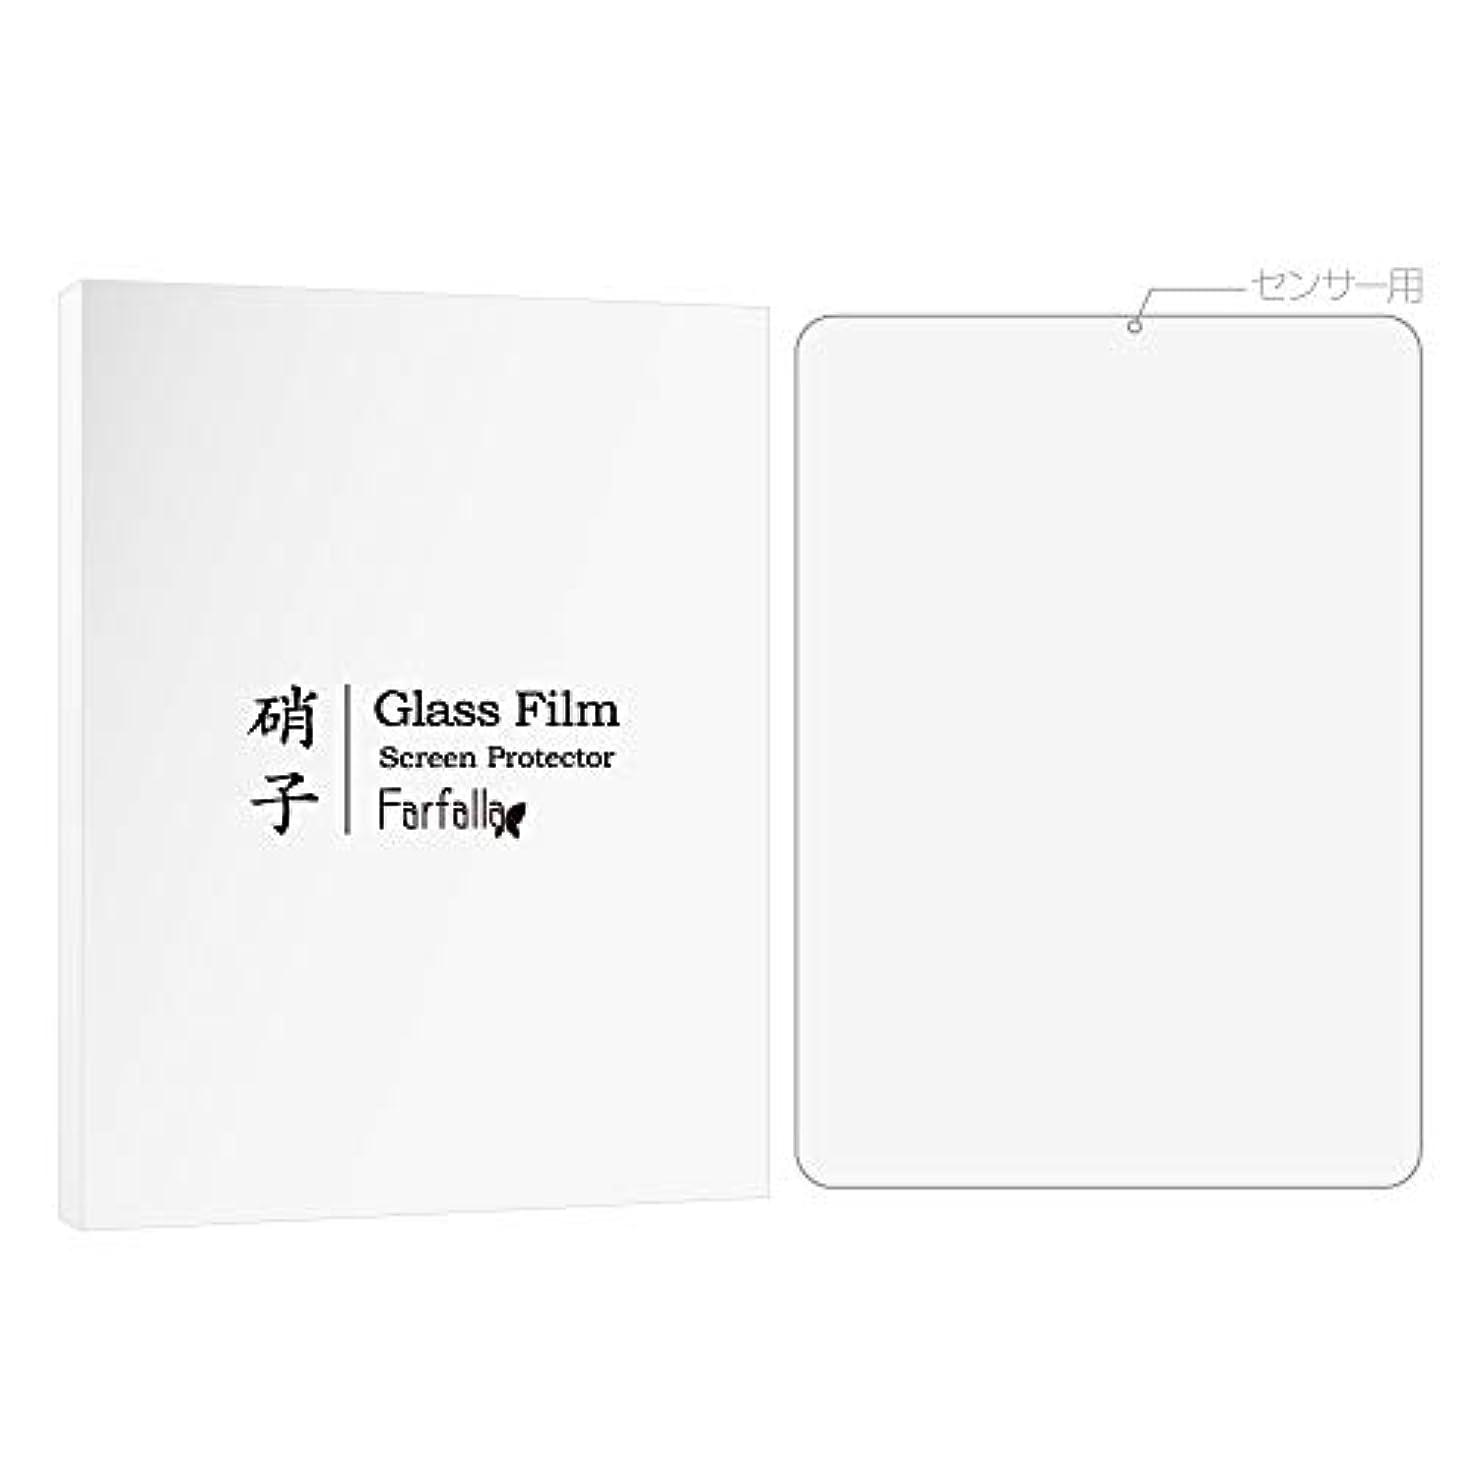 実行可能であること履歴書iPad iPad Pro 11インチ ガラスフィルム Face ID対応 AGC旭硝子使用 オイルコーティング Farfalla Cタイプ